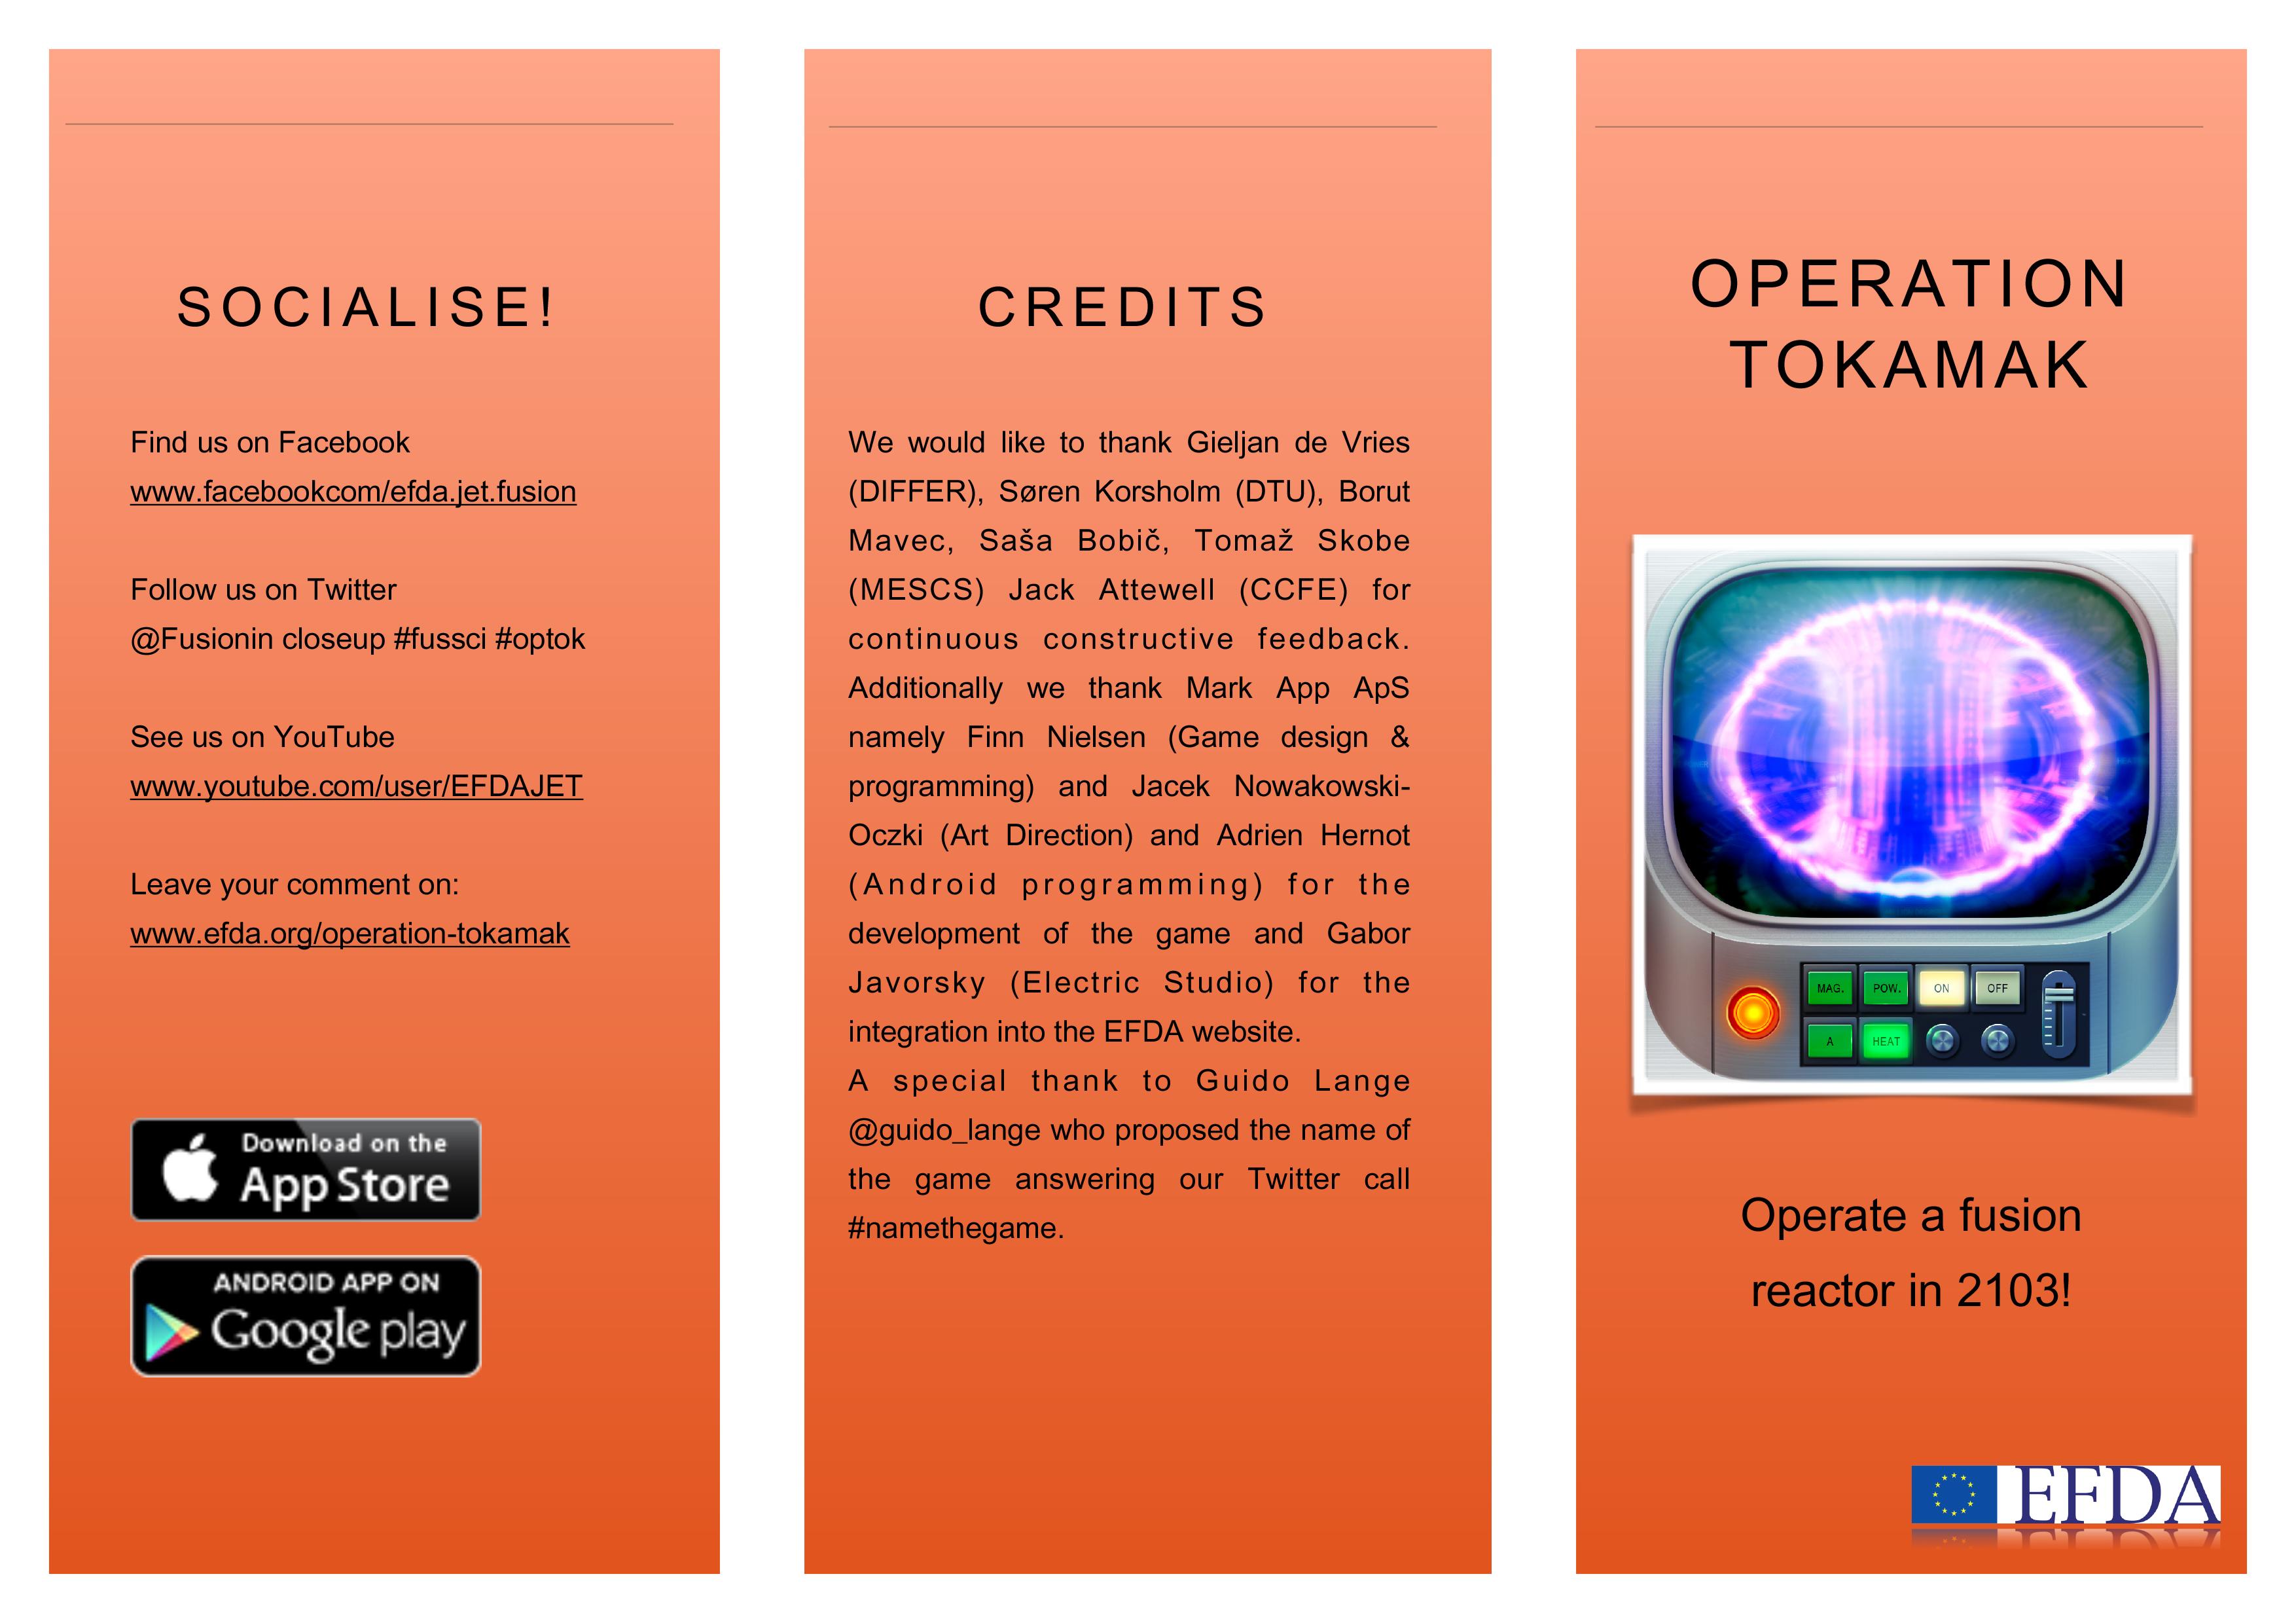 Itt az új fúziós játék az Operation Tokamak! Legyél Te az operátor!